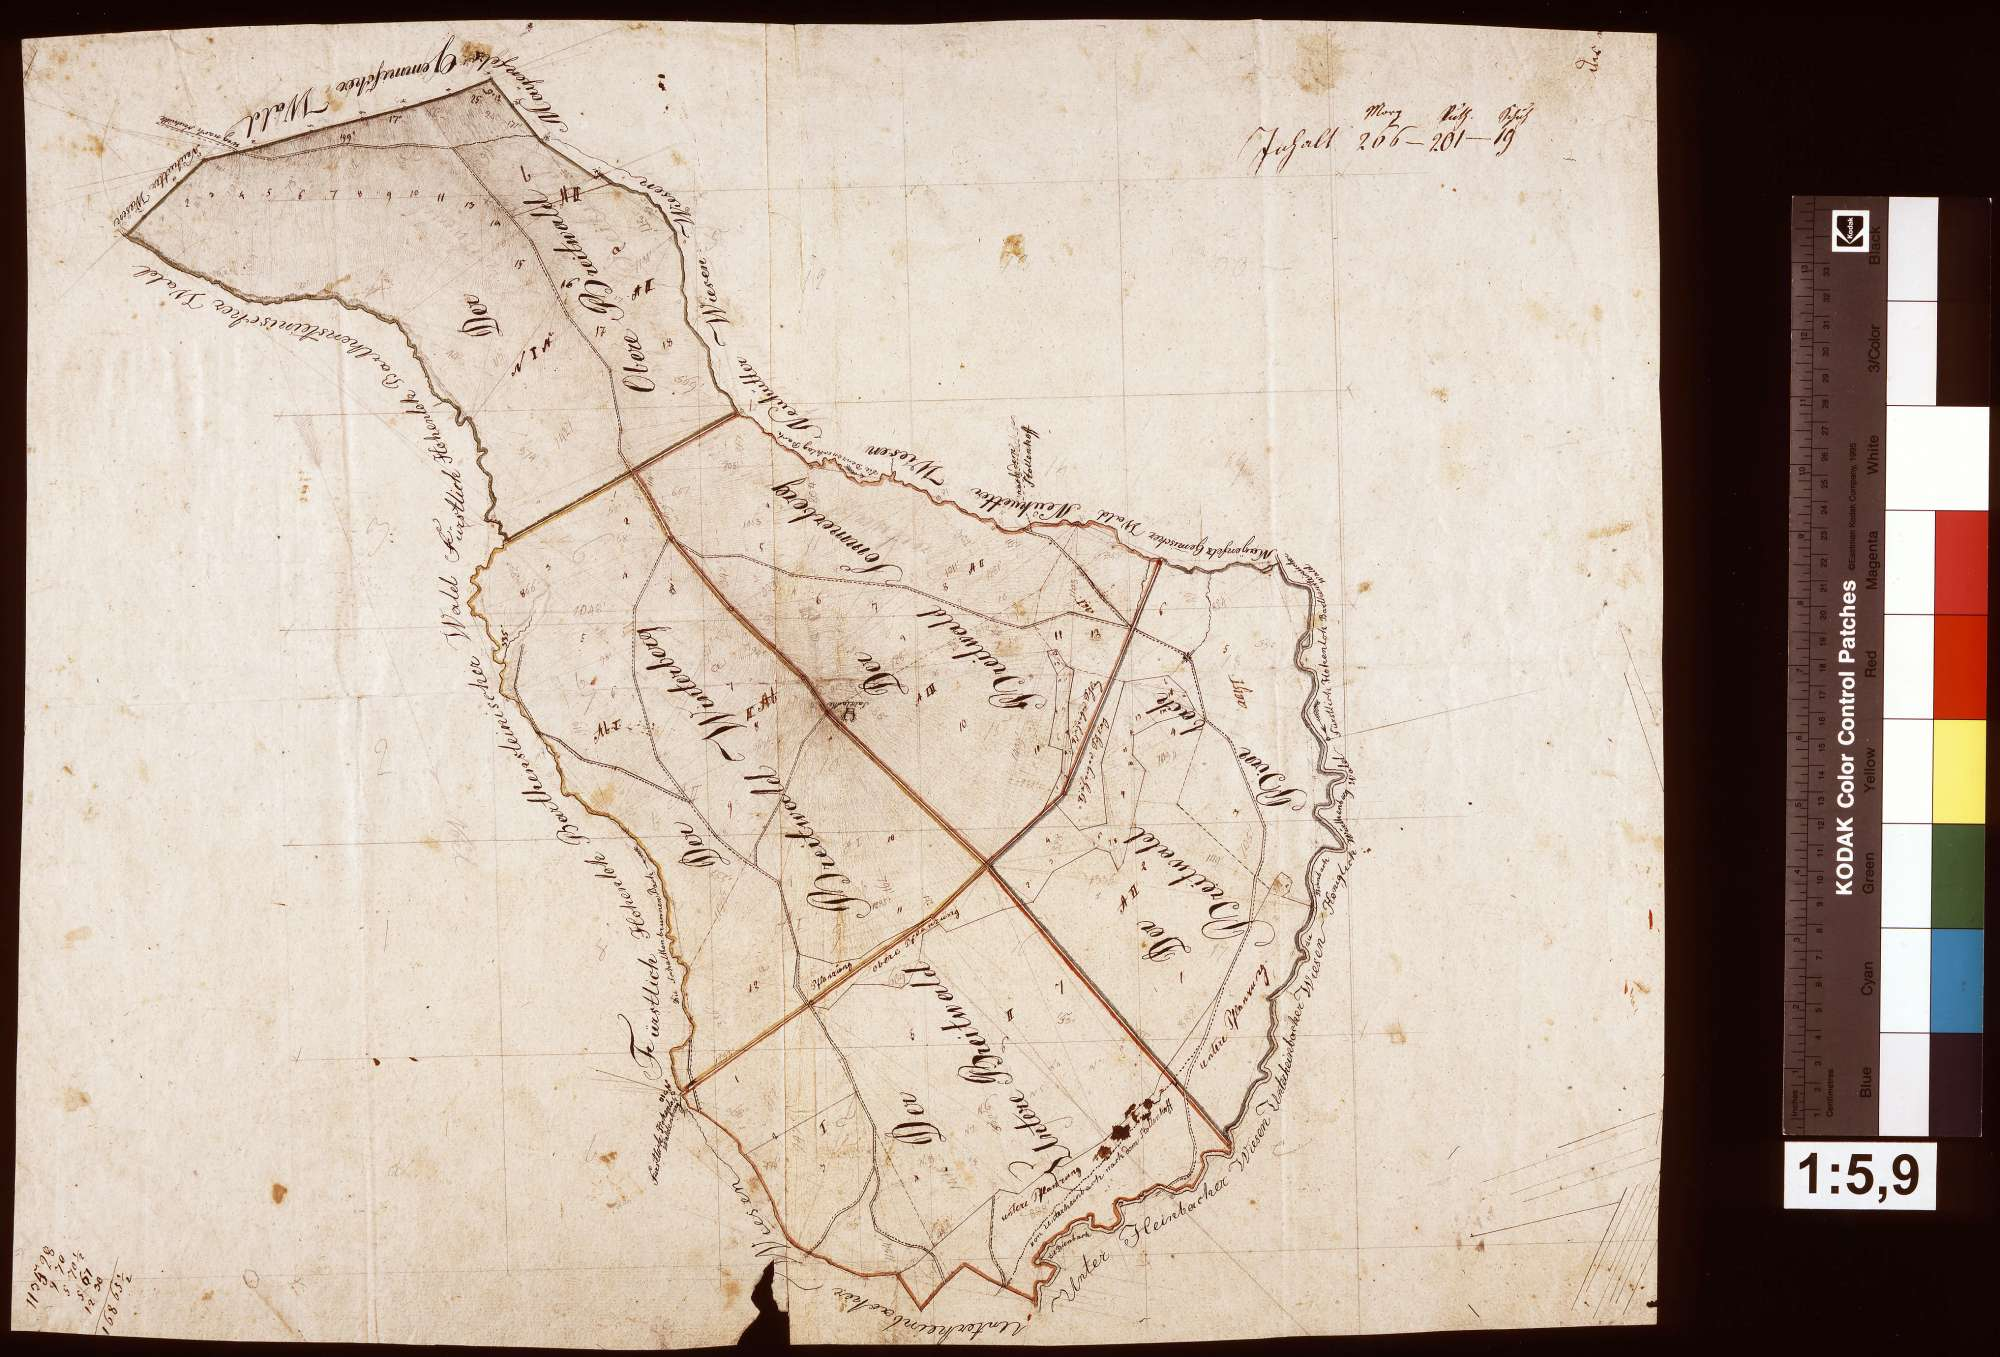 Plan über den Breitwald, Bild 1